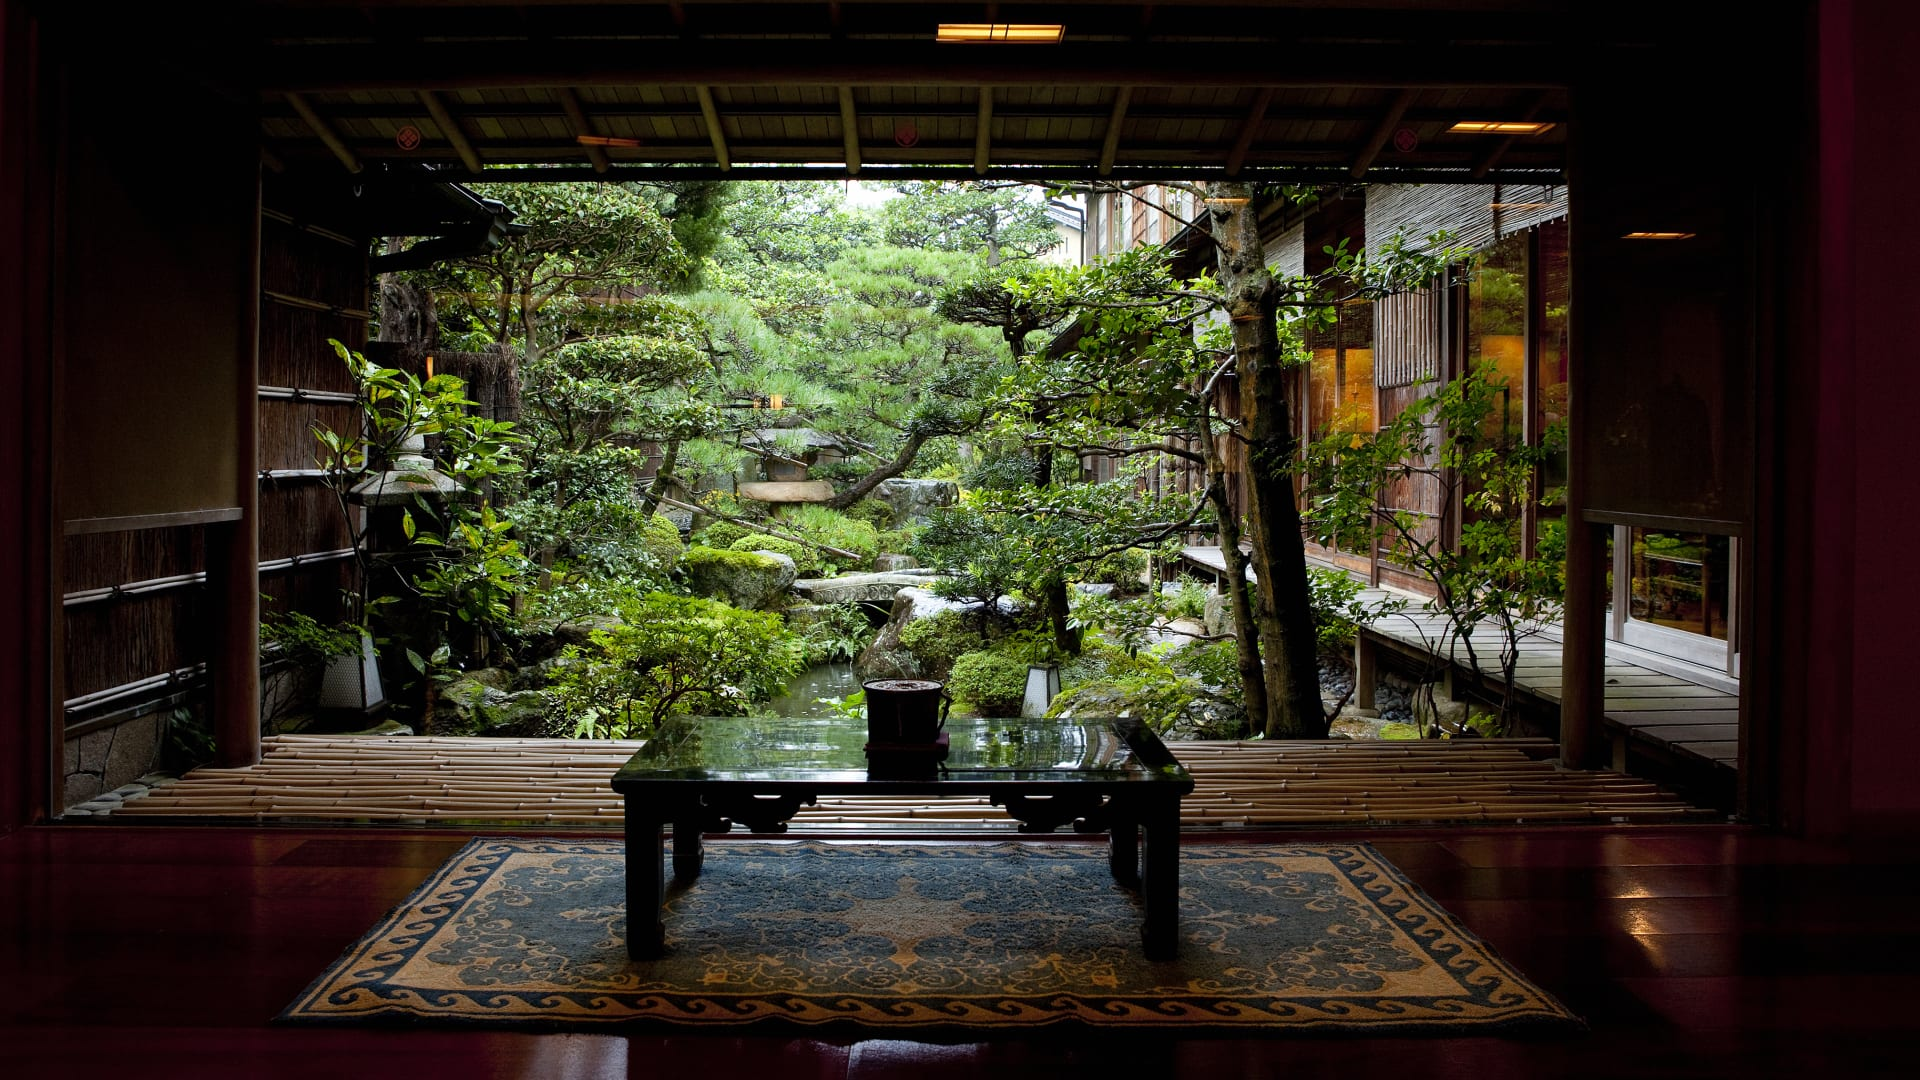 في اليابان.. تدعوك هذه النزل التقليدية على فعل لا شيء على الإطلاق